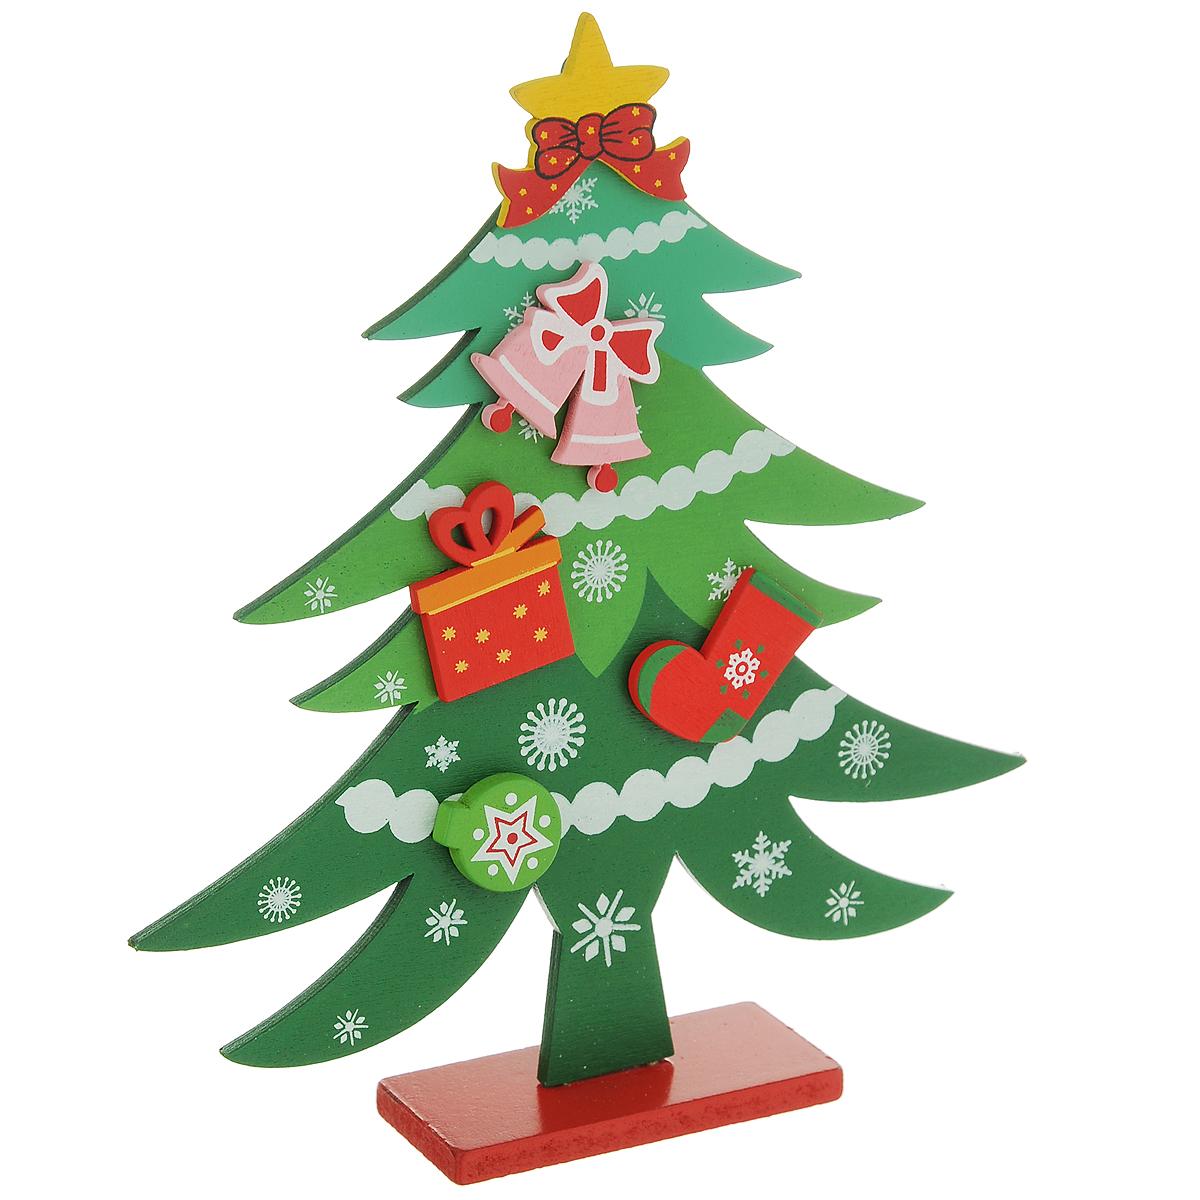 Украшение новогоднее Елочка, цвет: зеленый, 18 см. 3525935259Украшение Елочка, изготовленное из дерева, отлично подойдет для декорации вашего дома. Украшение выполнено в виде ели на прямоугольной подставке. Елка украшена снежинками, новогодними игрушками и верхушкой-звездой. Новогодние украшения всегда несут в себе волшебство и красоту праздника. Создайте в своем доме атмосферу тепла, веселья и радости, украшая его всей семьей.